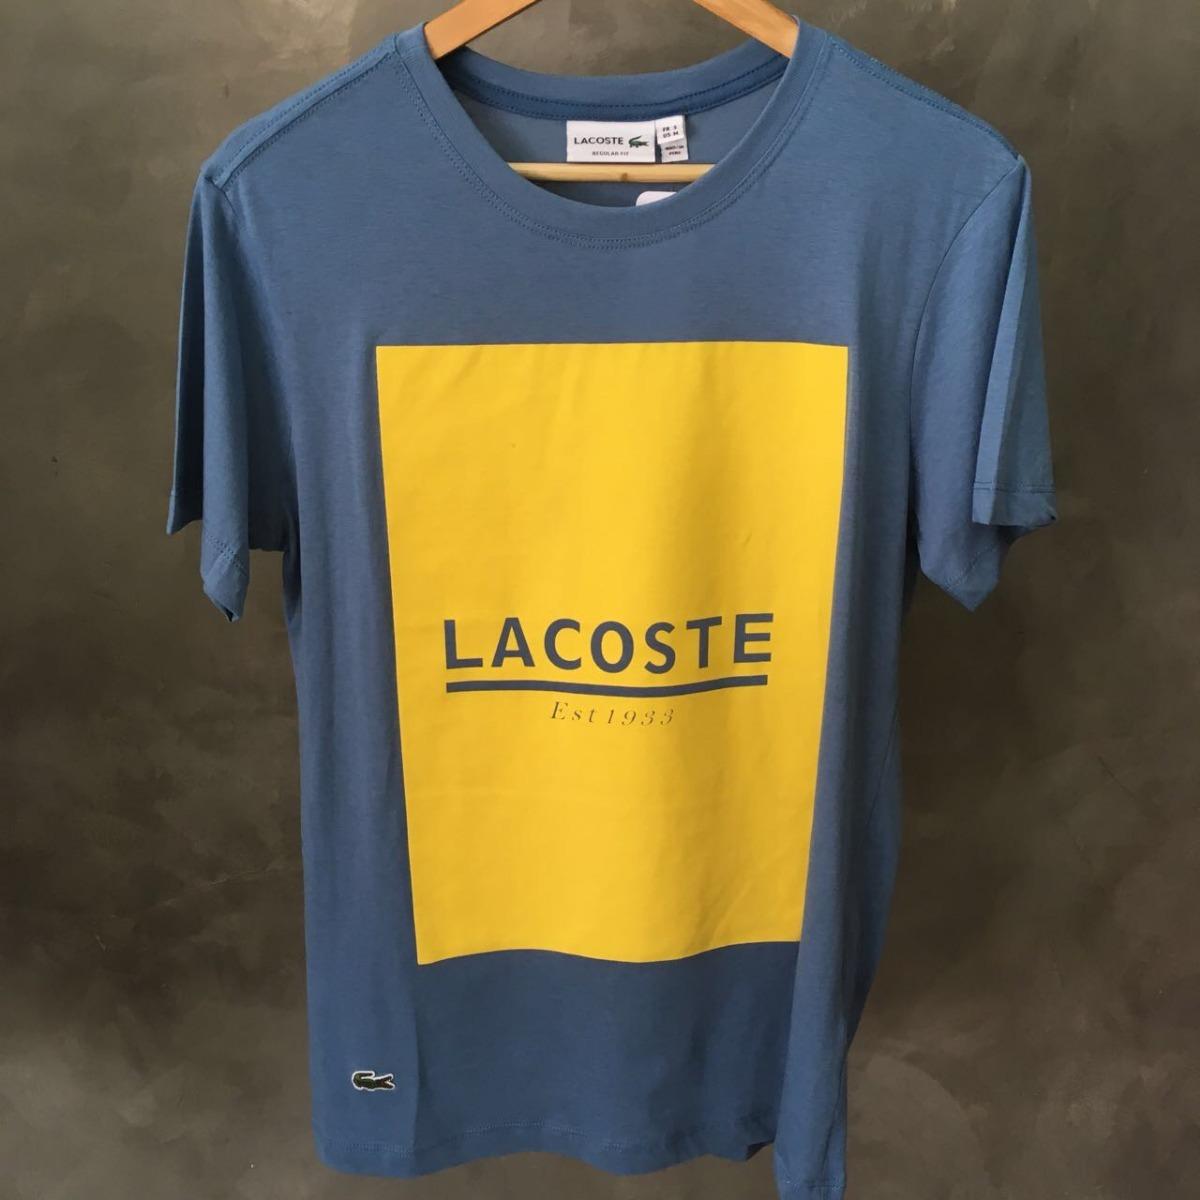 Kit 3 Camiseta Original Frete Grátis Promoção - R  239,90 em Mercado ... c5d8d256ef